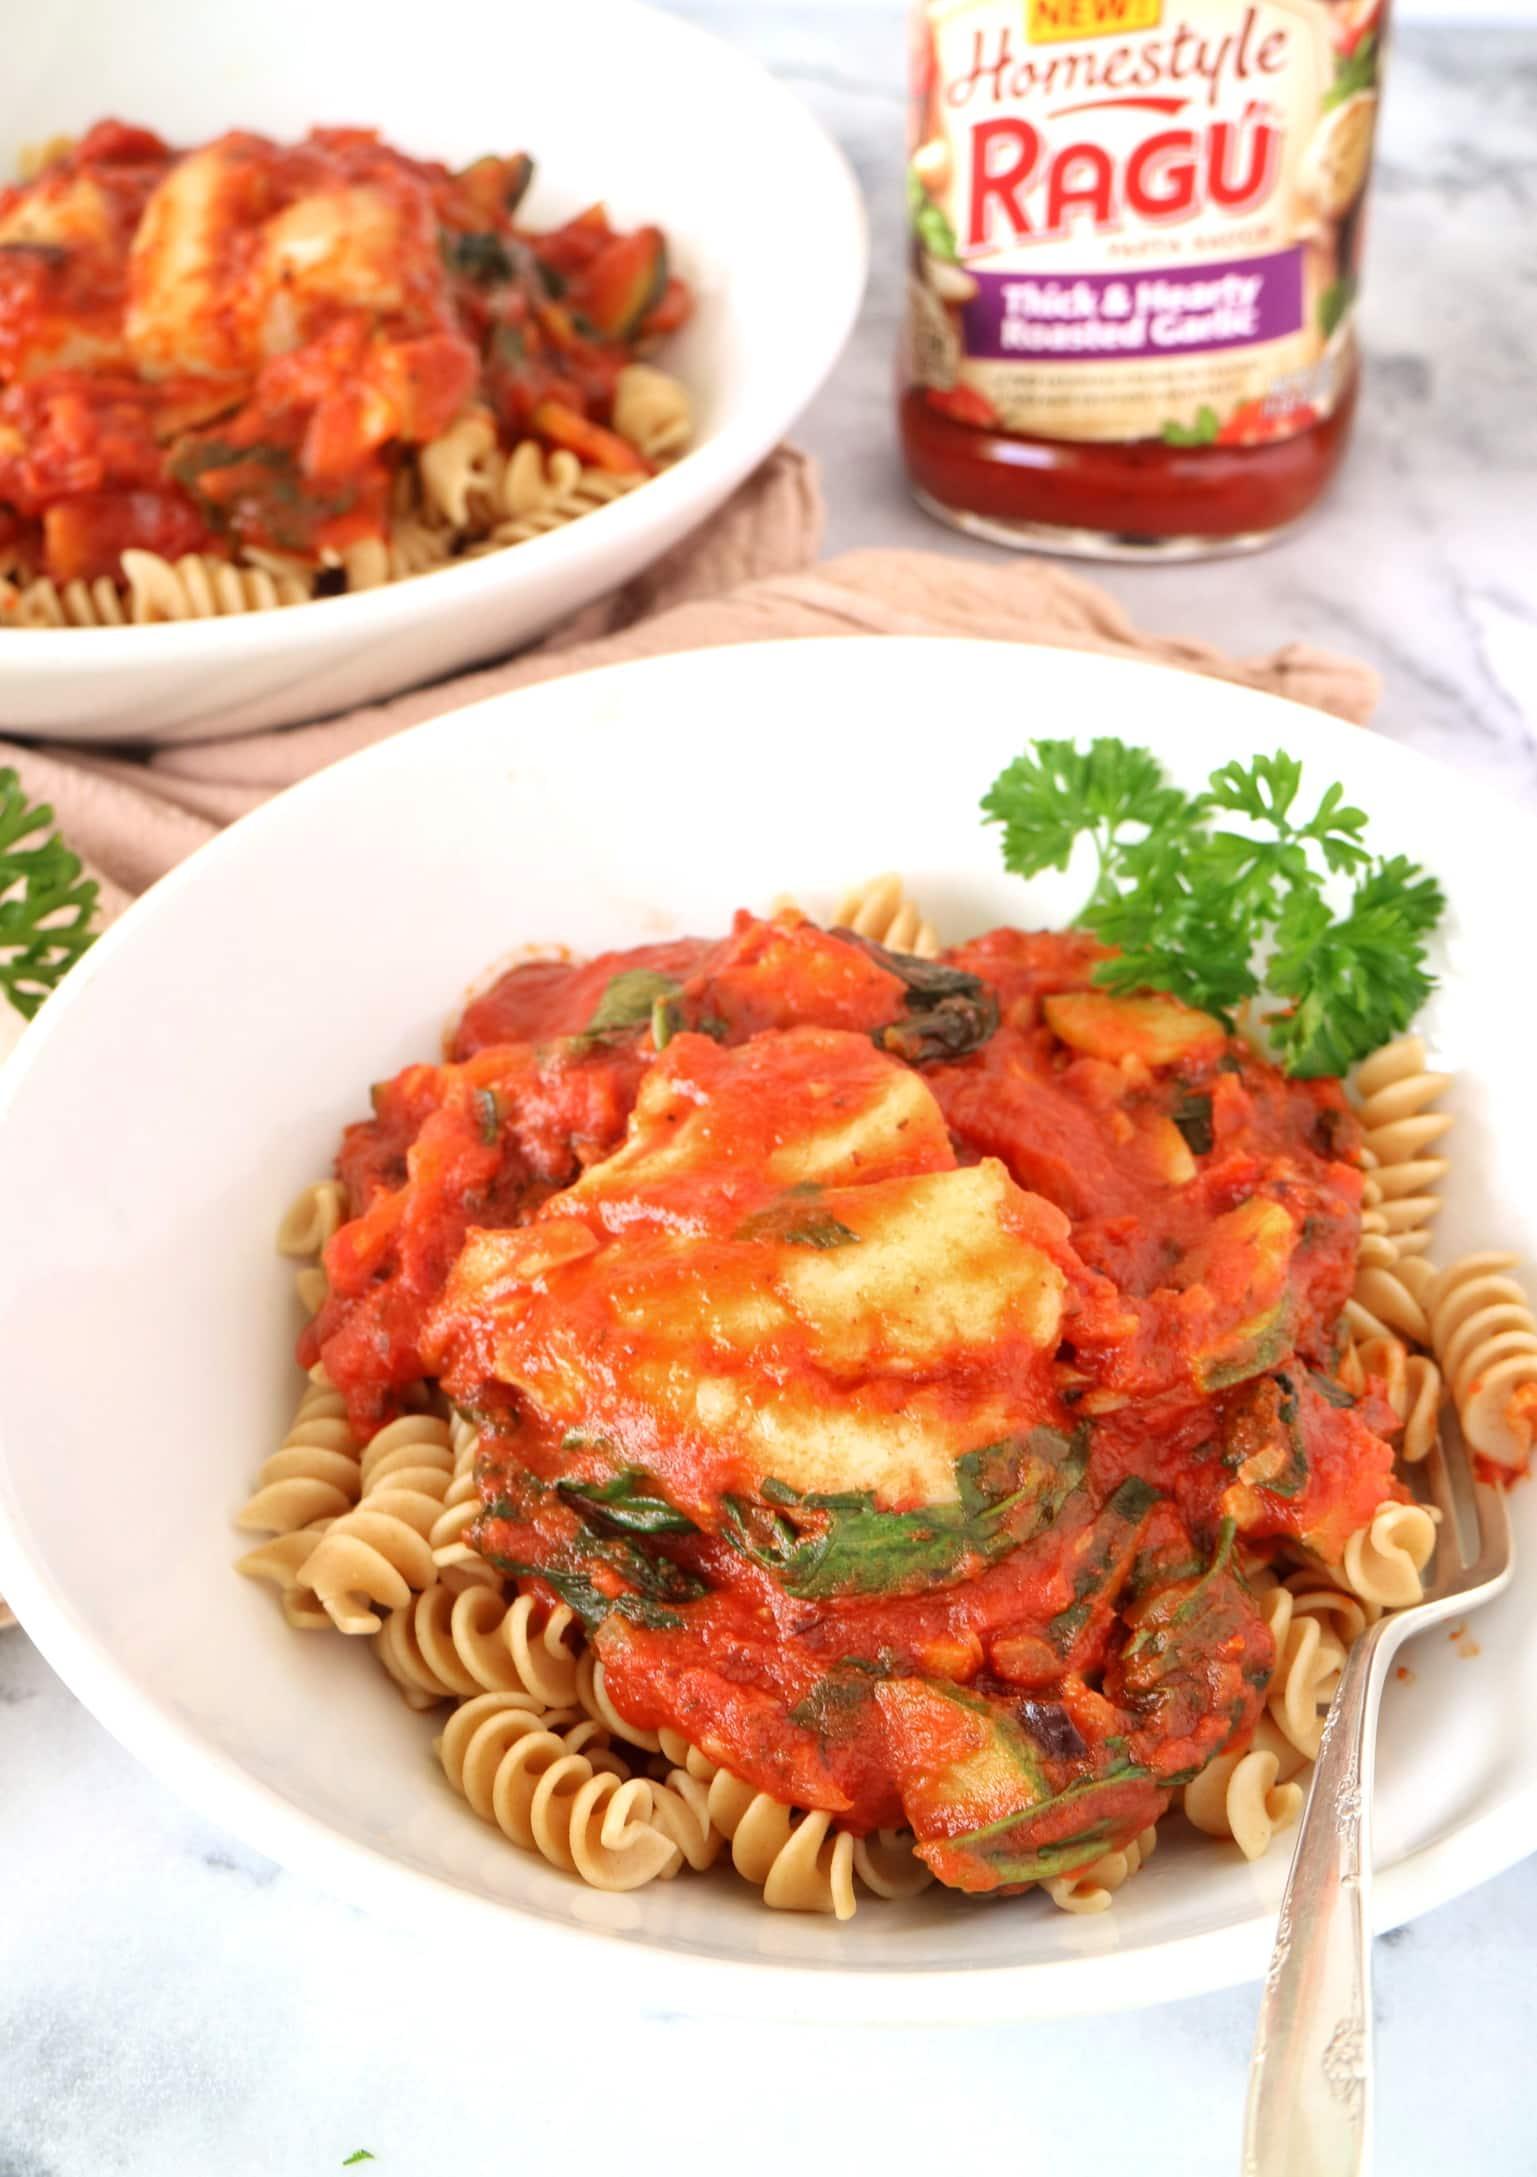 Rotini + Ragu Homestyle Pasta Sauce